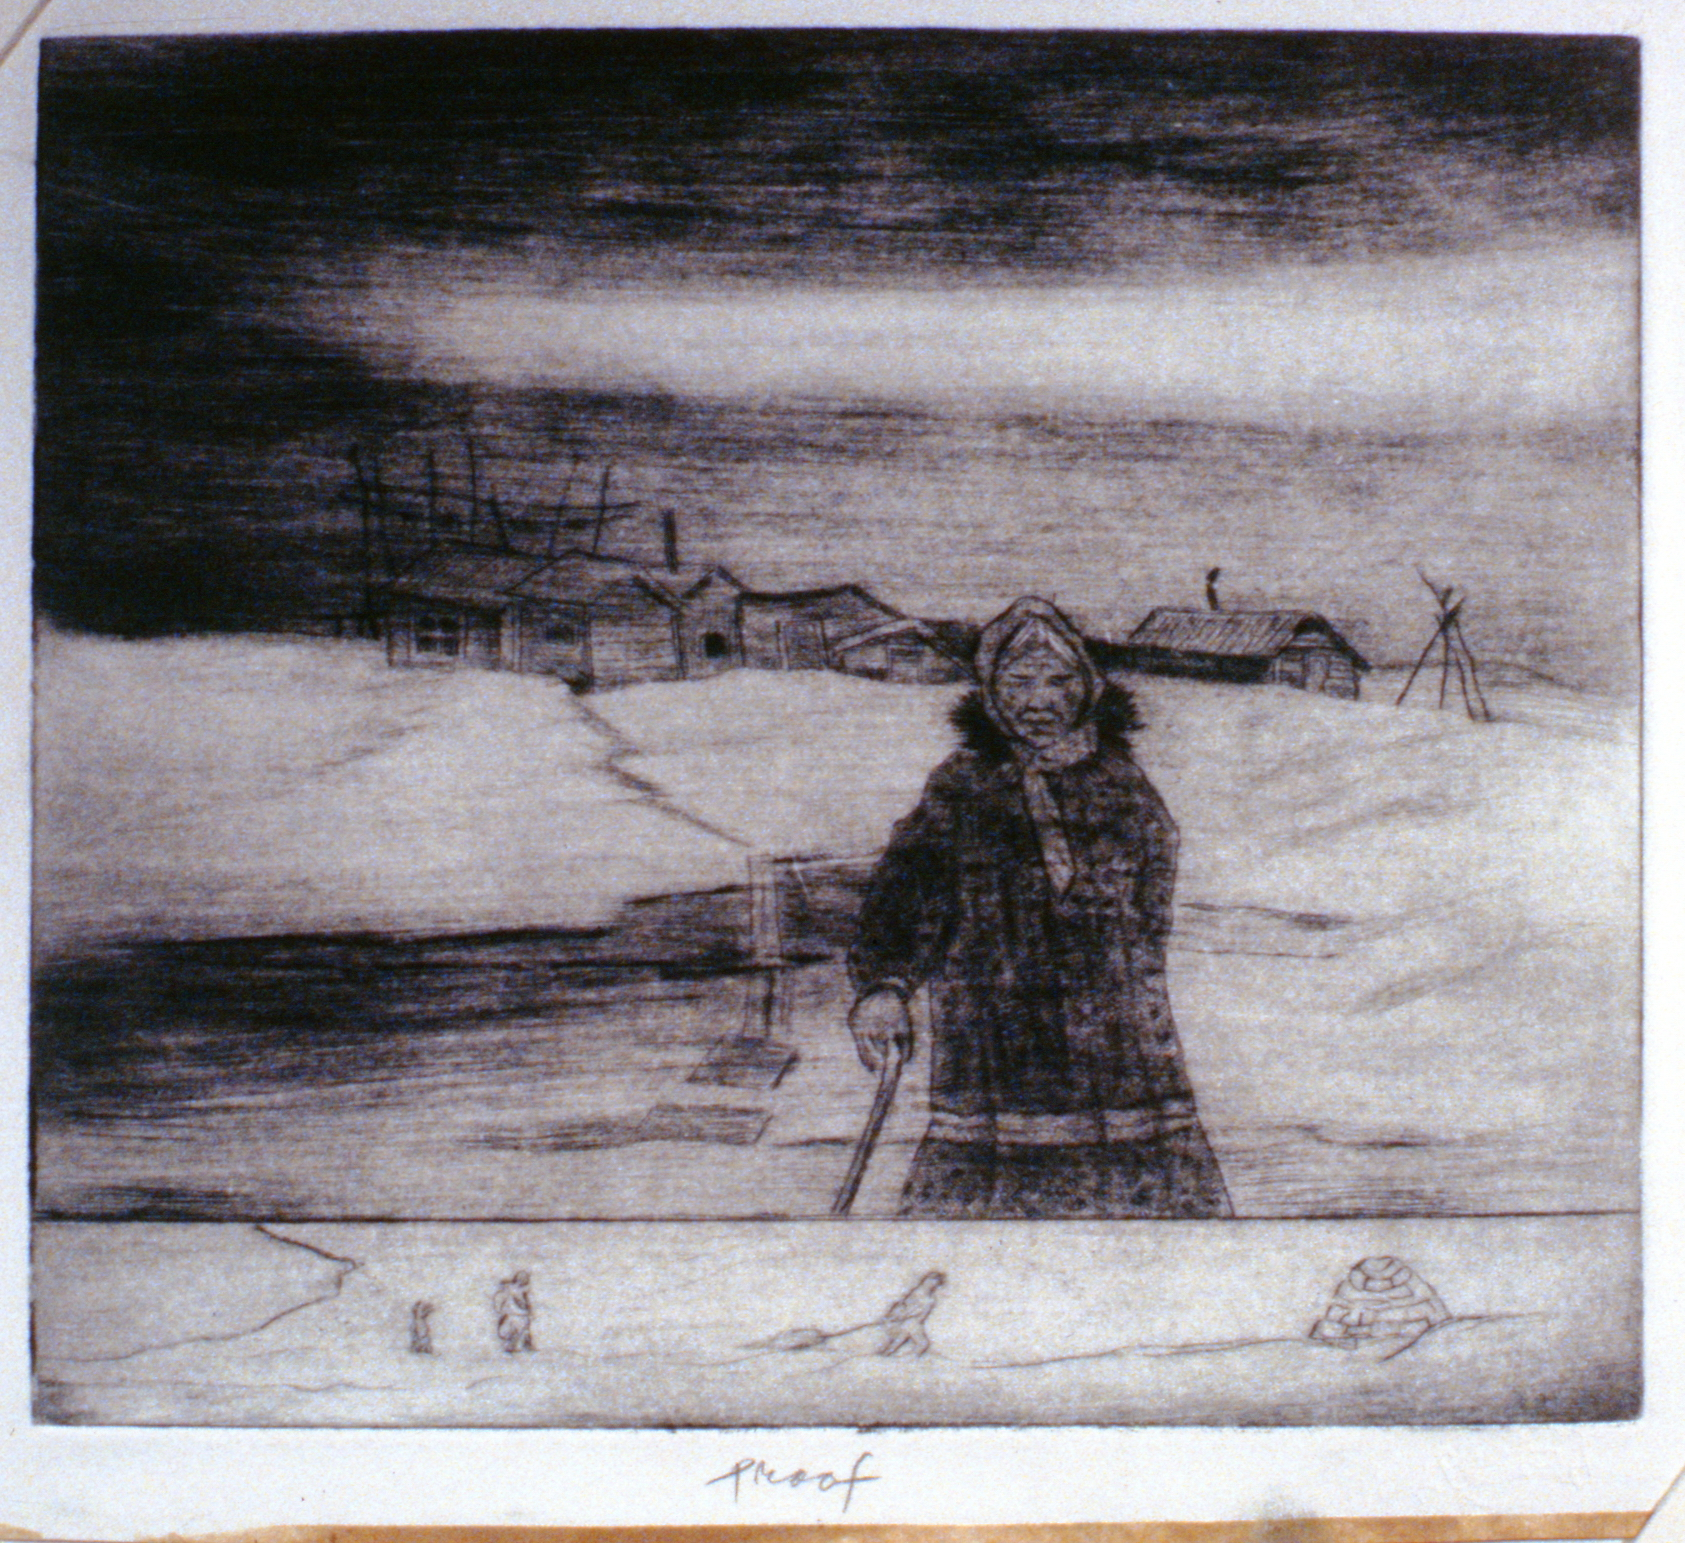 Spring Walk , 1986, Minn Sjølseth, artist proof, 21.5 x 25.5 cm, 1996.02.26